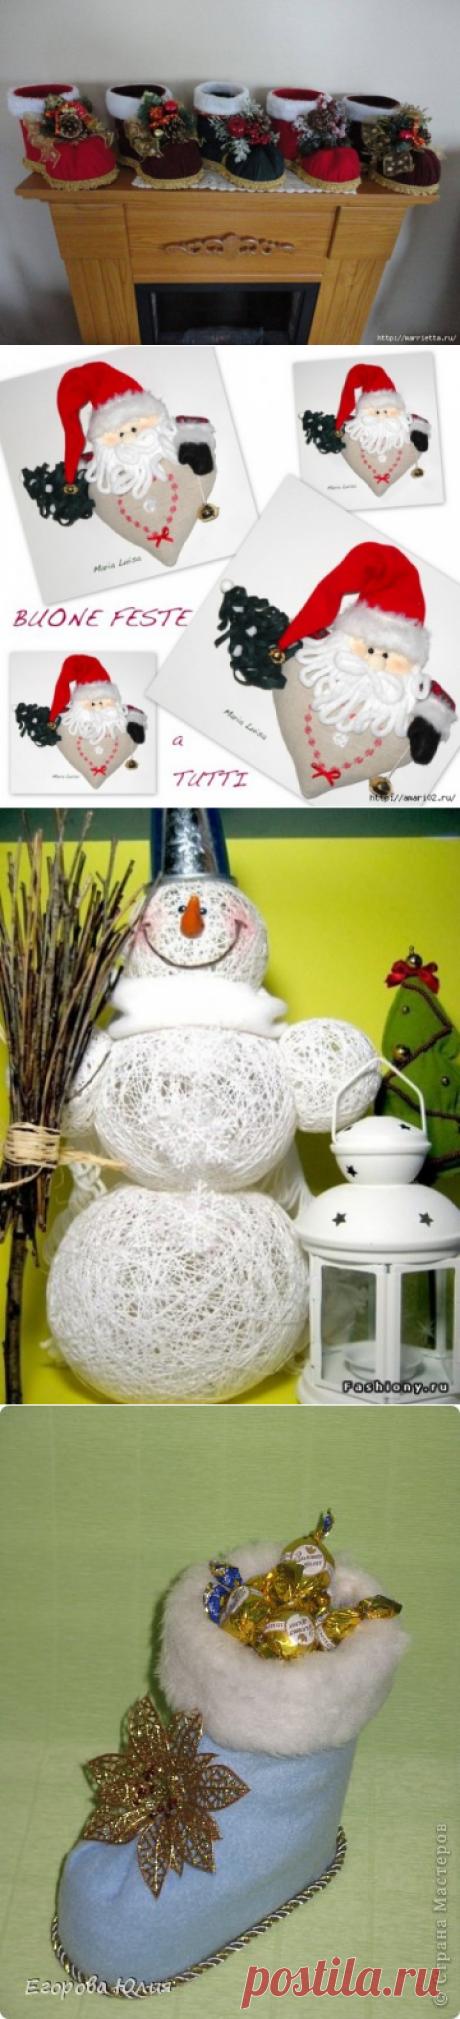 Новогодние идеи для декора , подарков, поделок все взято из интернета часть 5